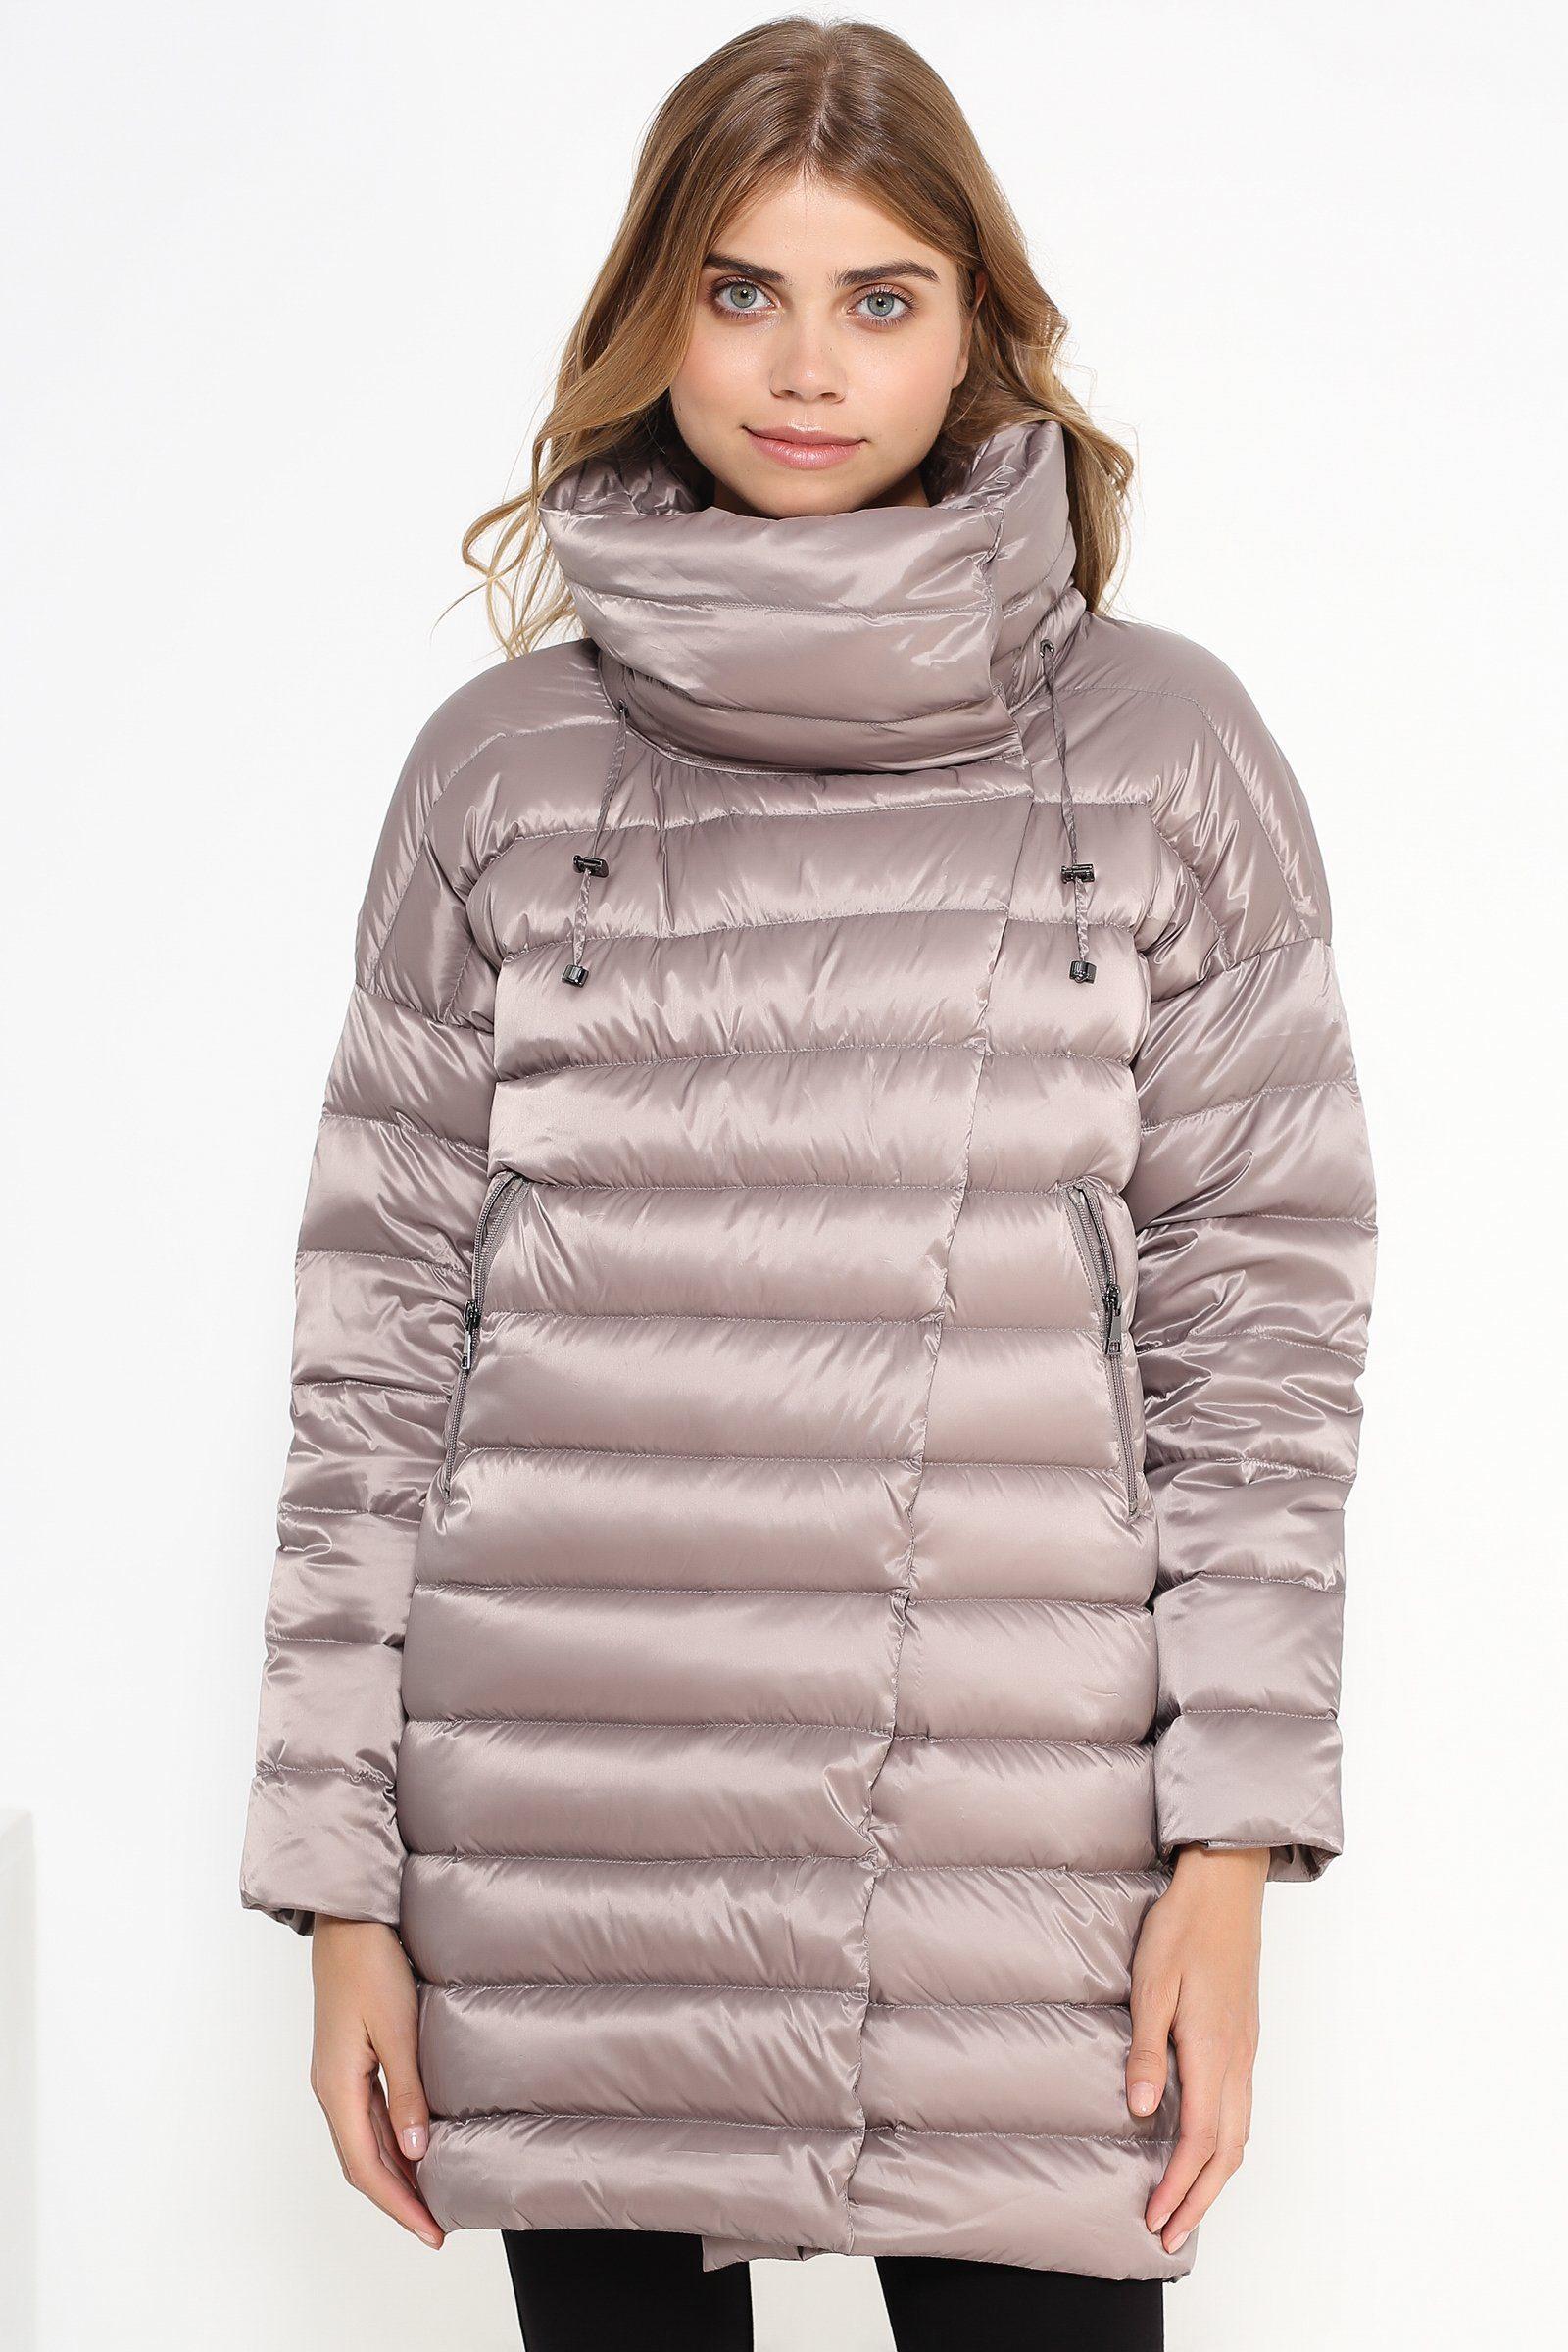 Finn Flare Daunenjacke mit Stepp Muster, Trendige Steppjacke für Damen im Oversize Look online kaufen | OTTO